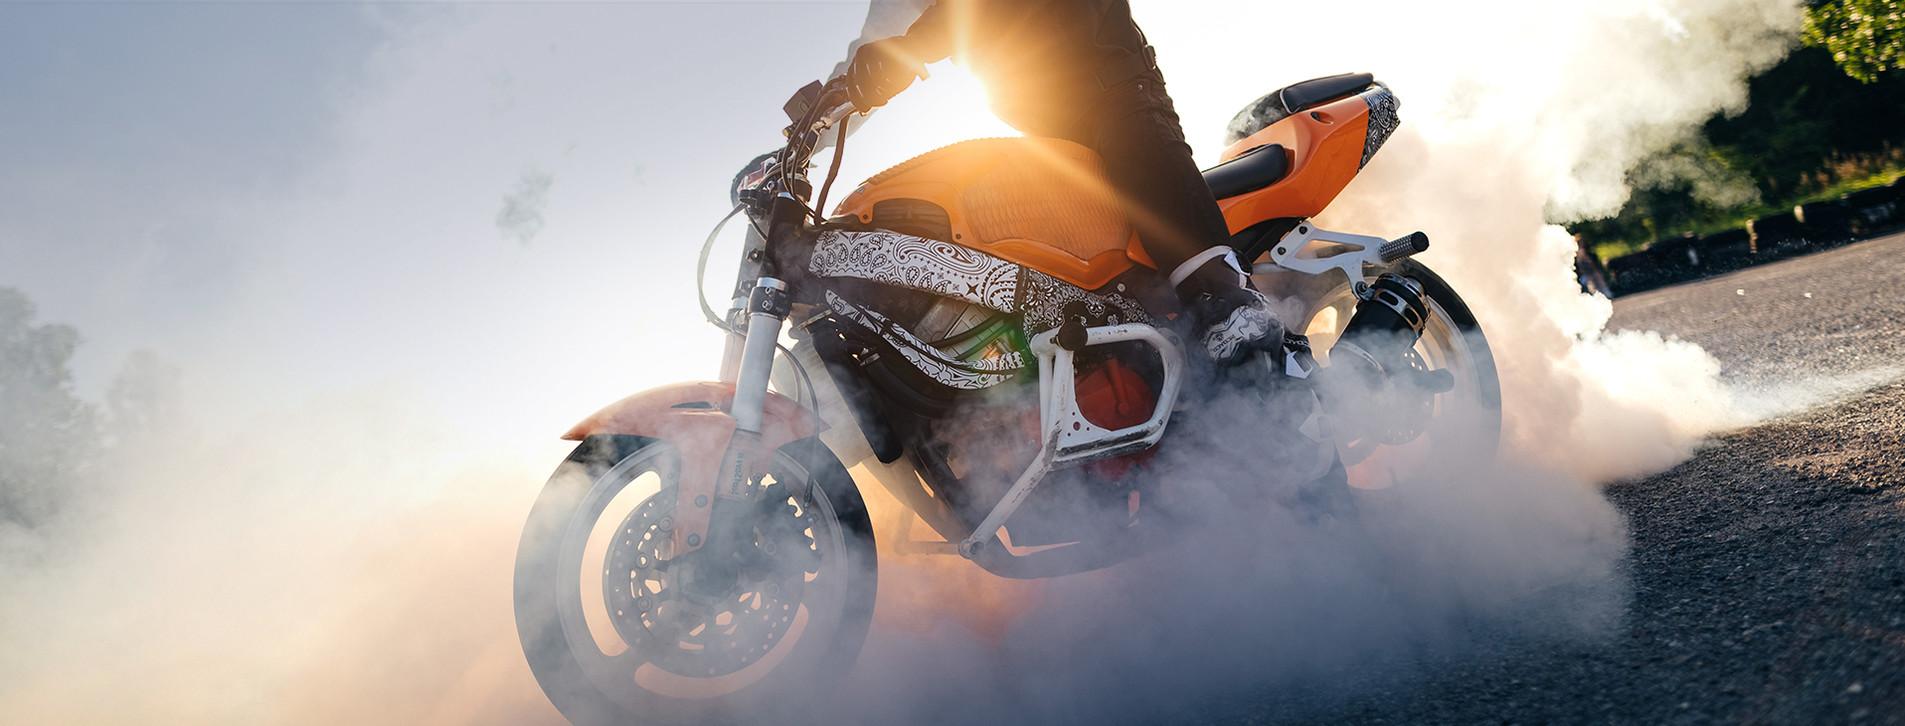 Фото 1 - Экстремальное управление мотоциклом